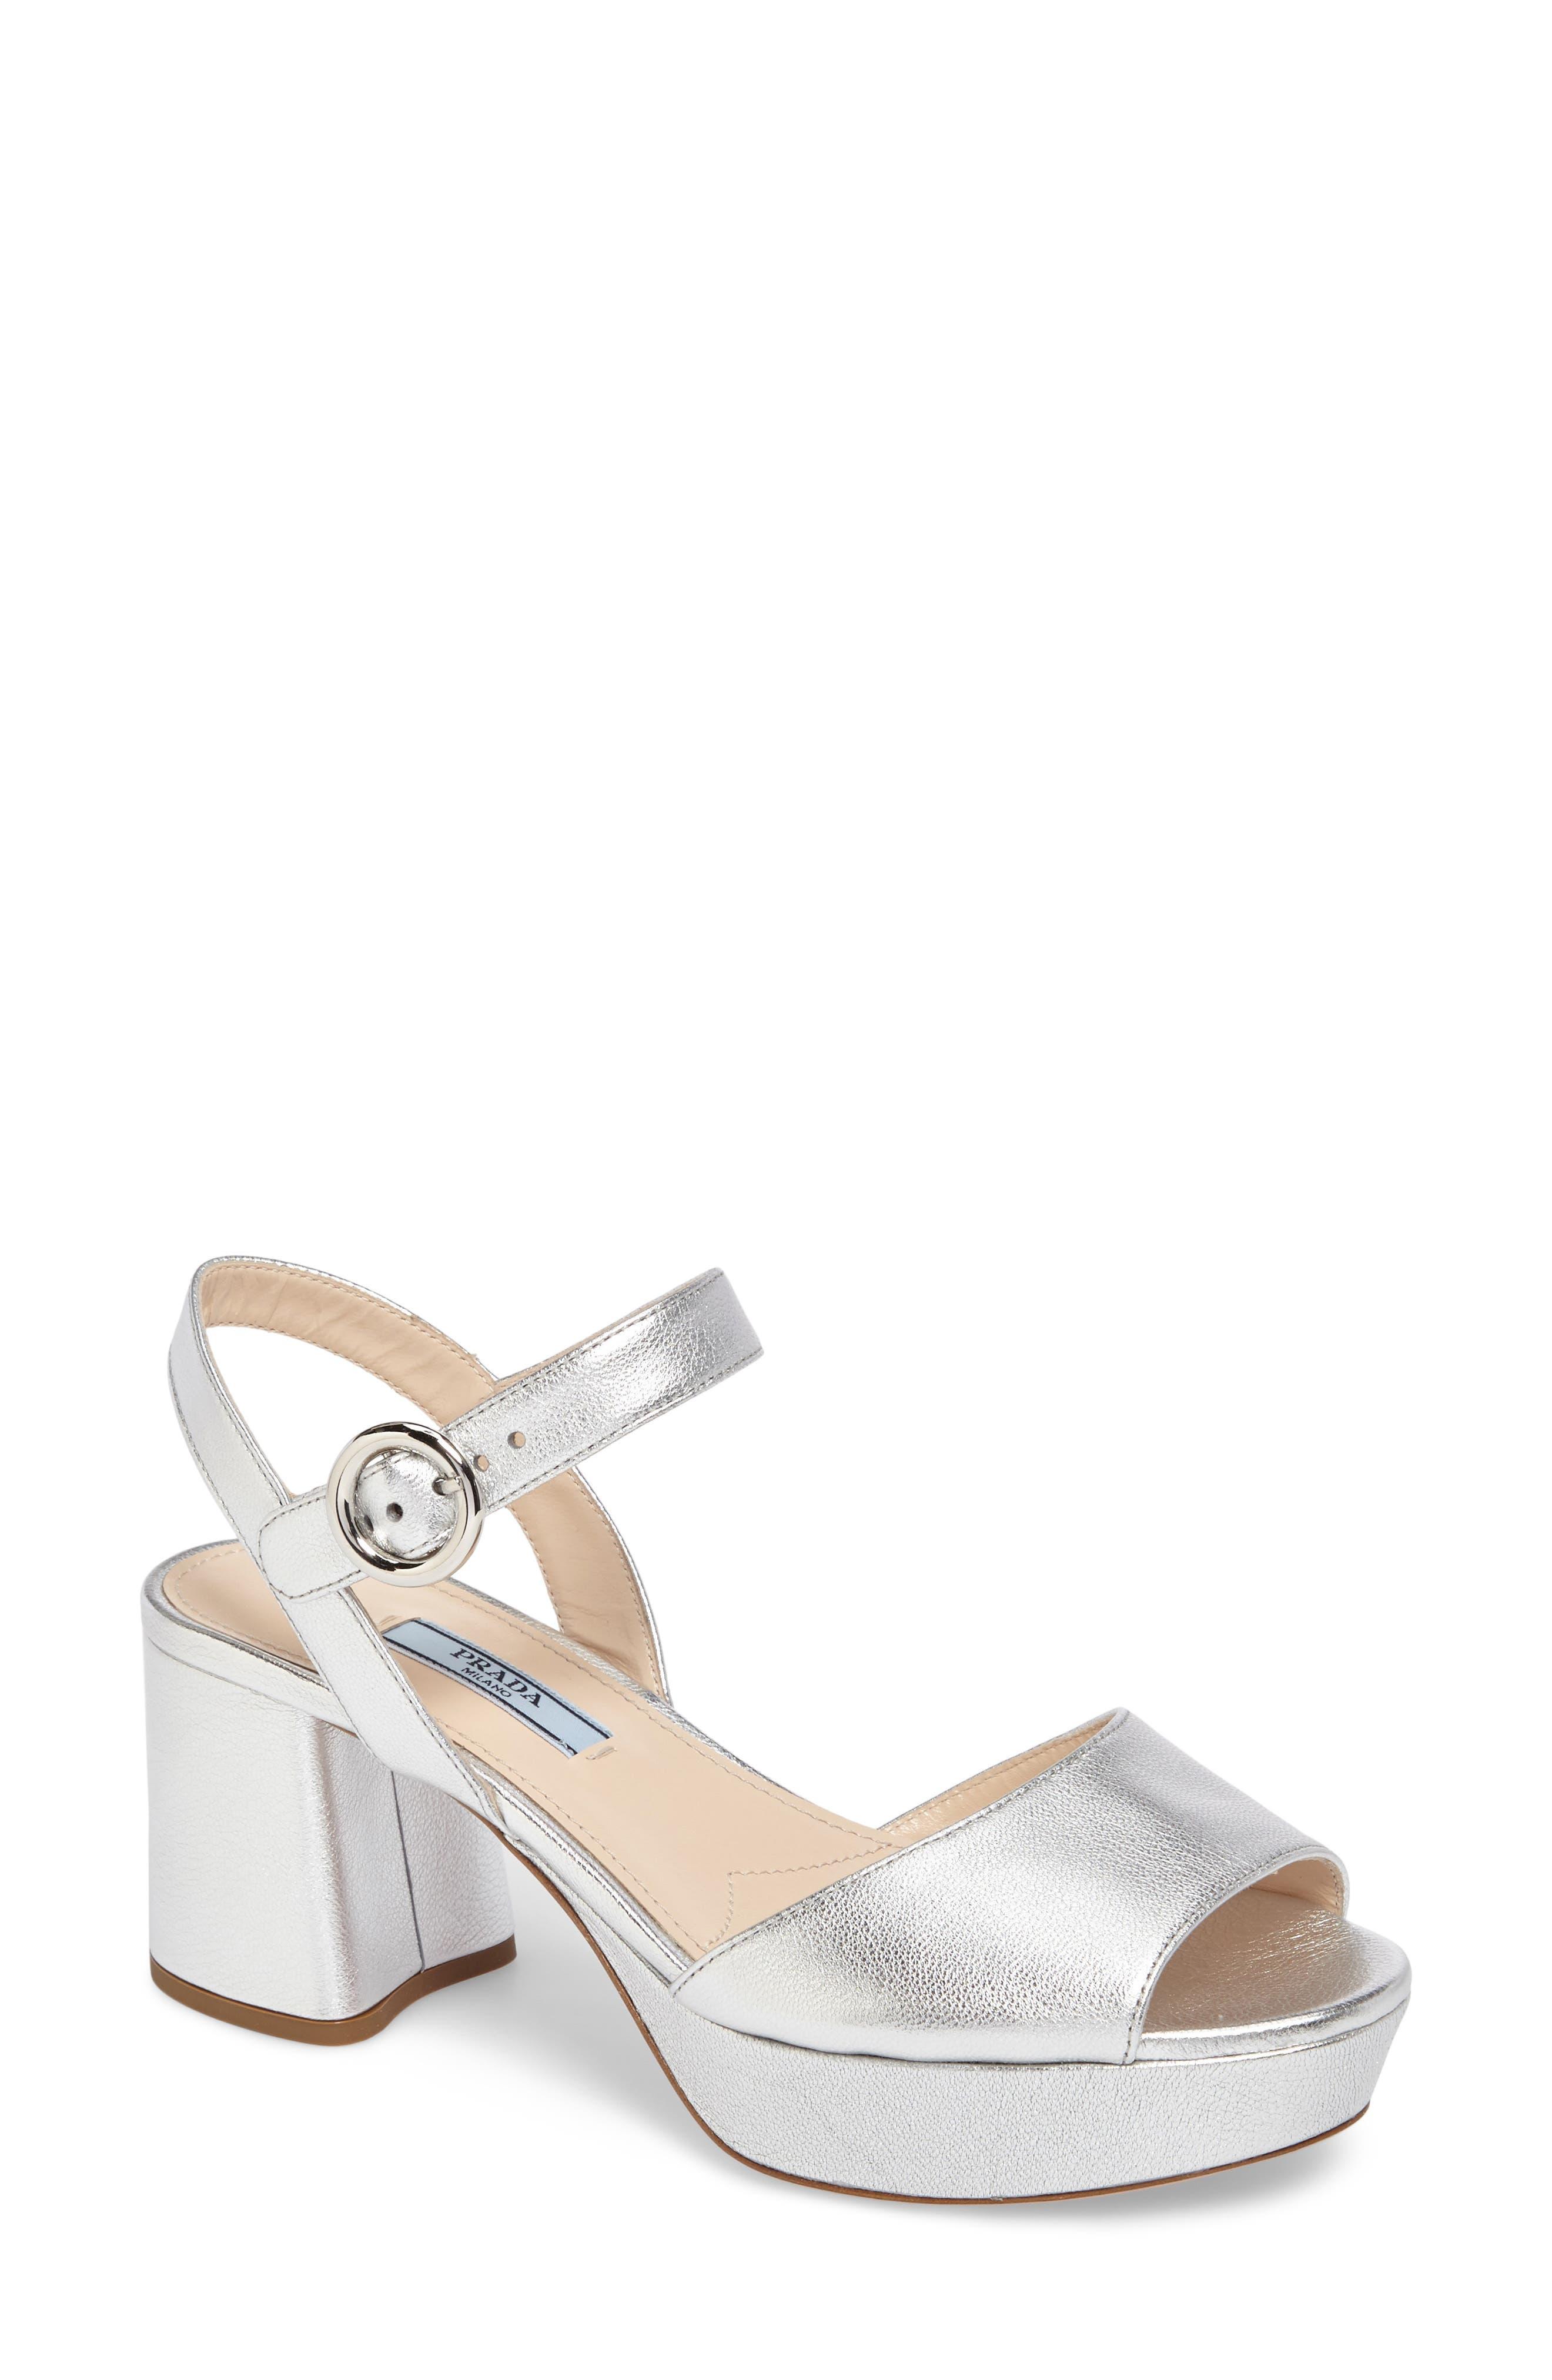 Ankle Strap Platform Sandal,                         Main,                         color, 040